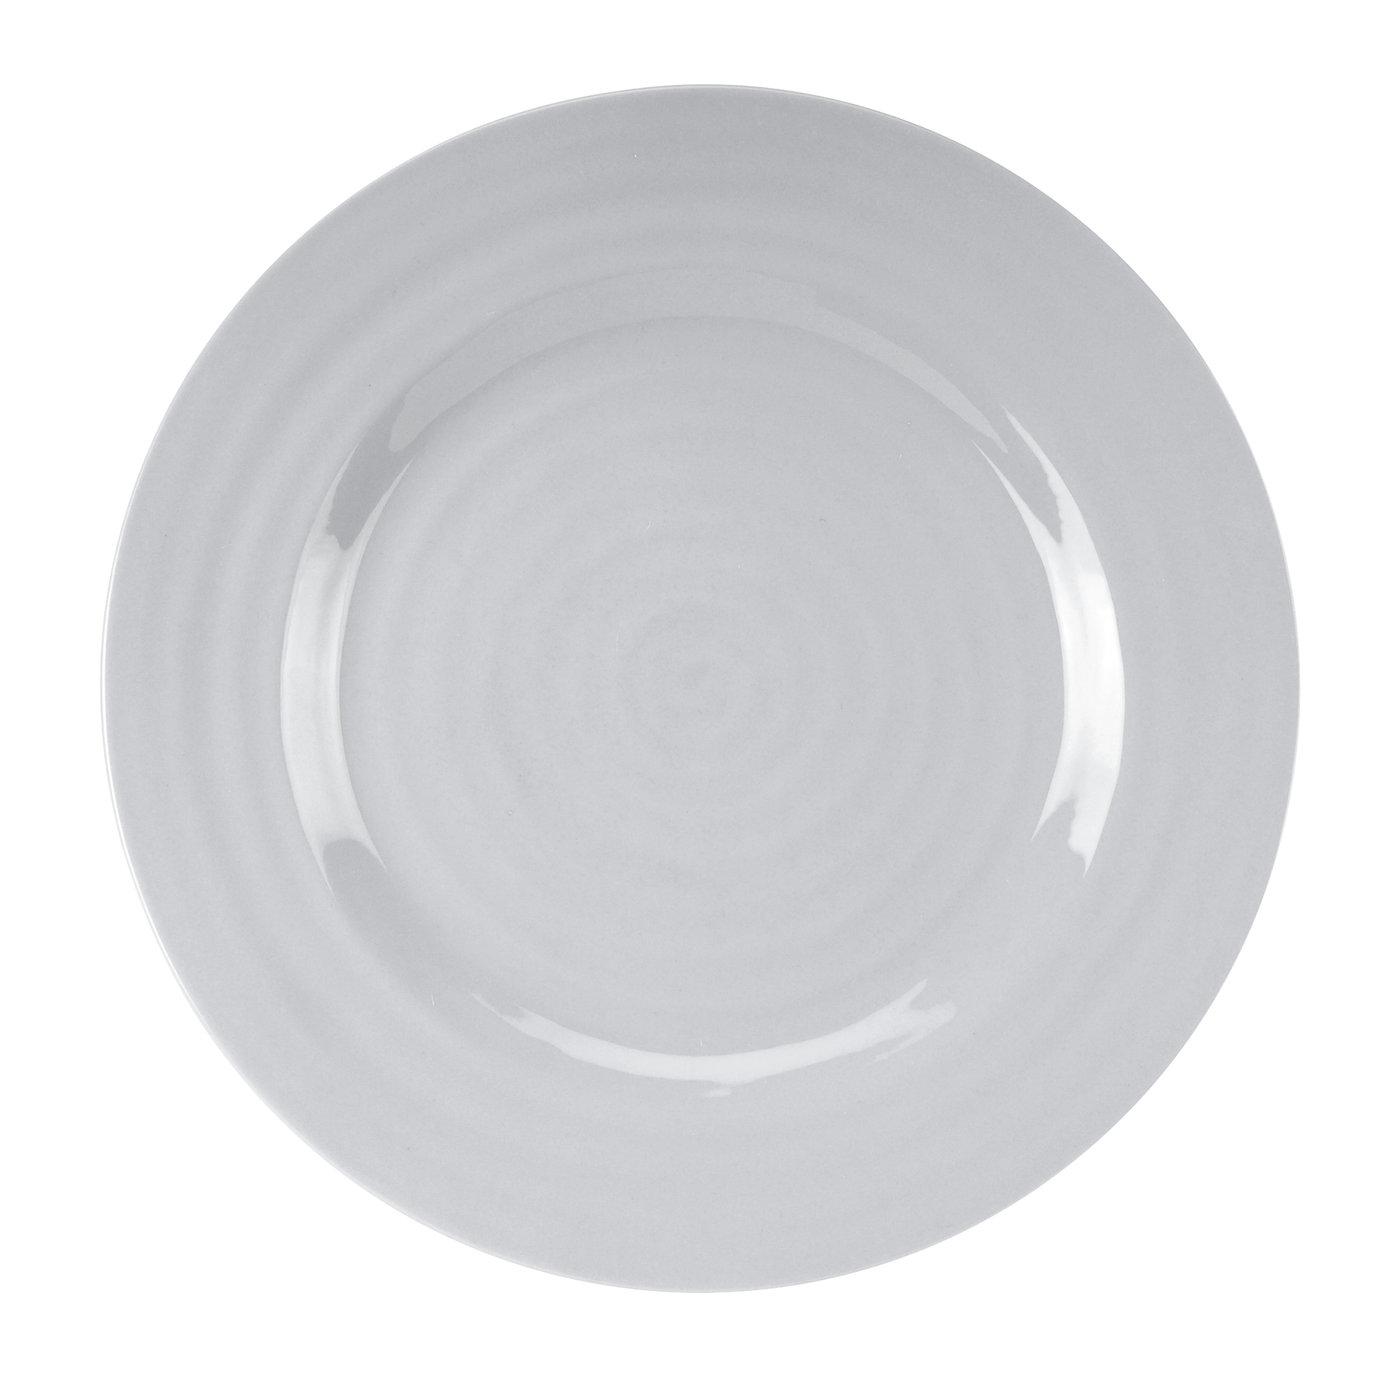 포트메리온 '소피 콘란' 디너 접시 4개 세트 Portmeirion Sophie Conran Grey Set of 4 Dinner Plates